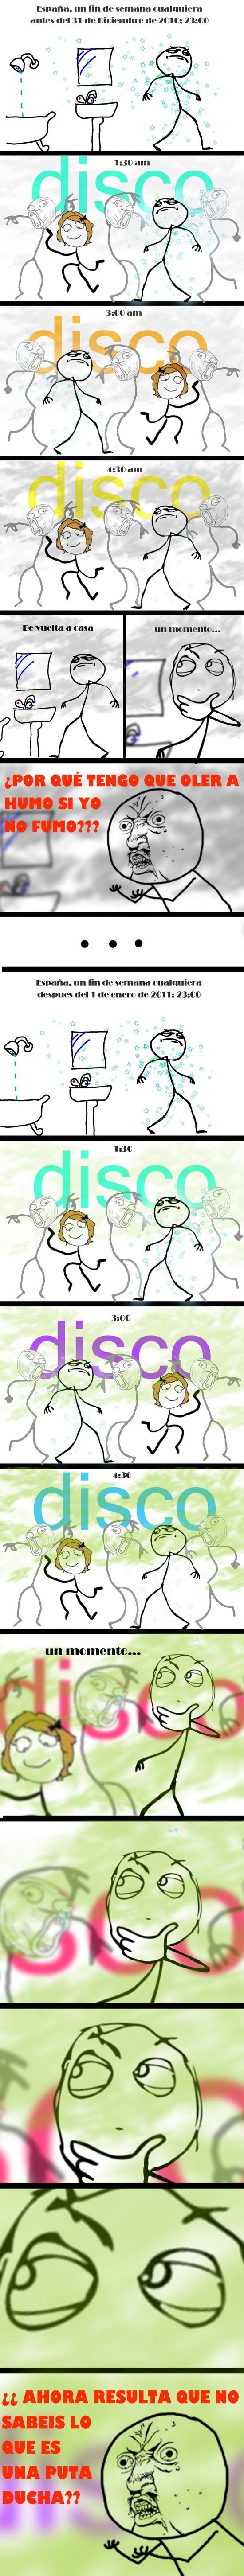 CC_128240_y_u_no_olor_a_discoteca